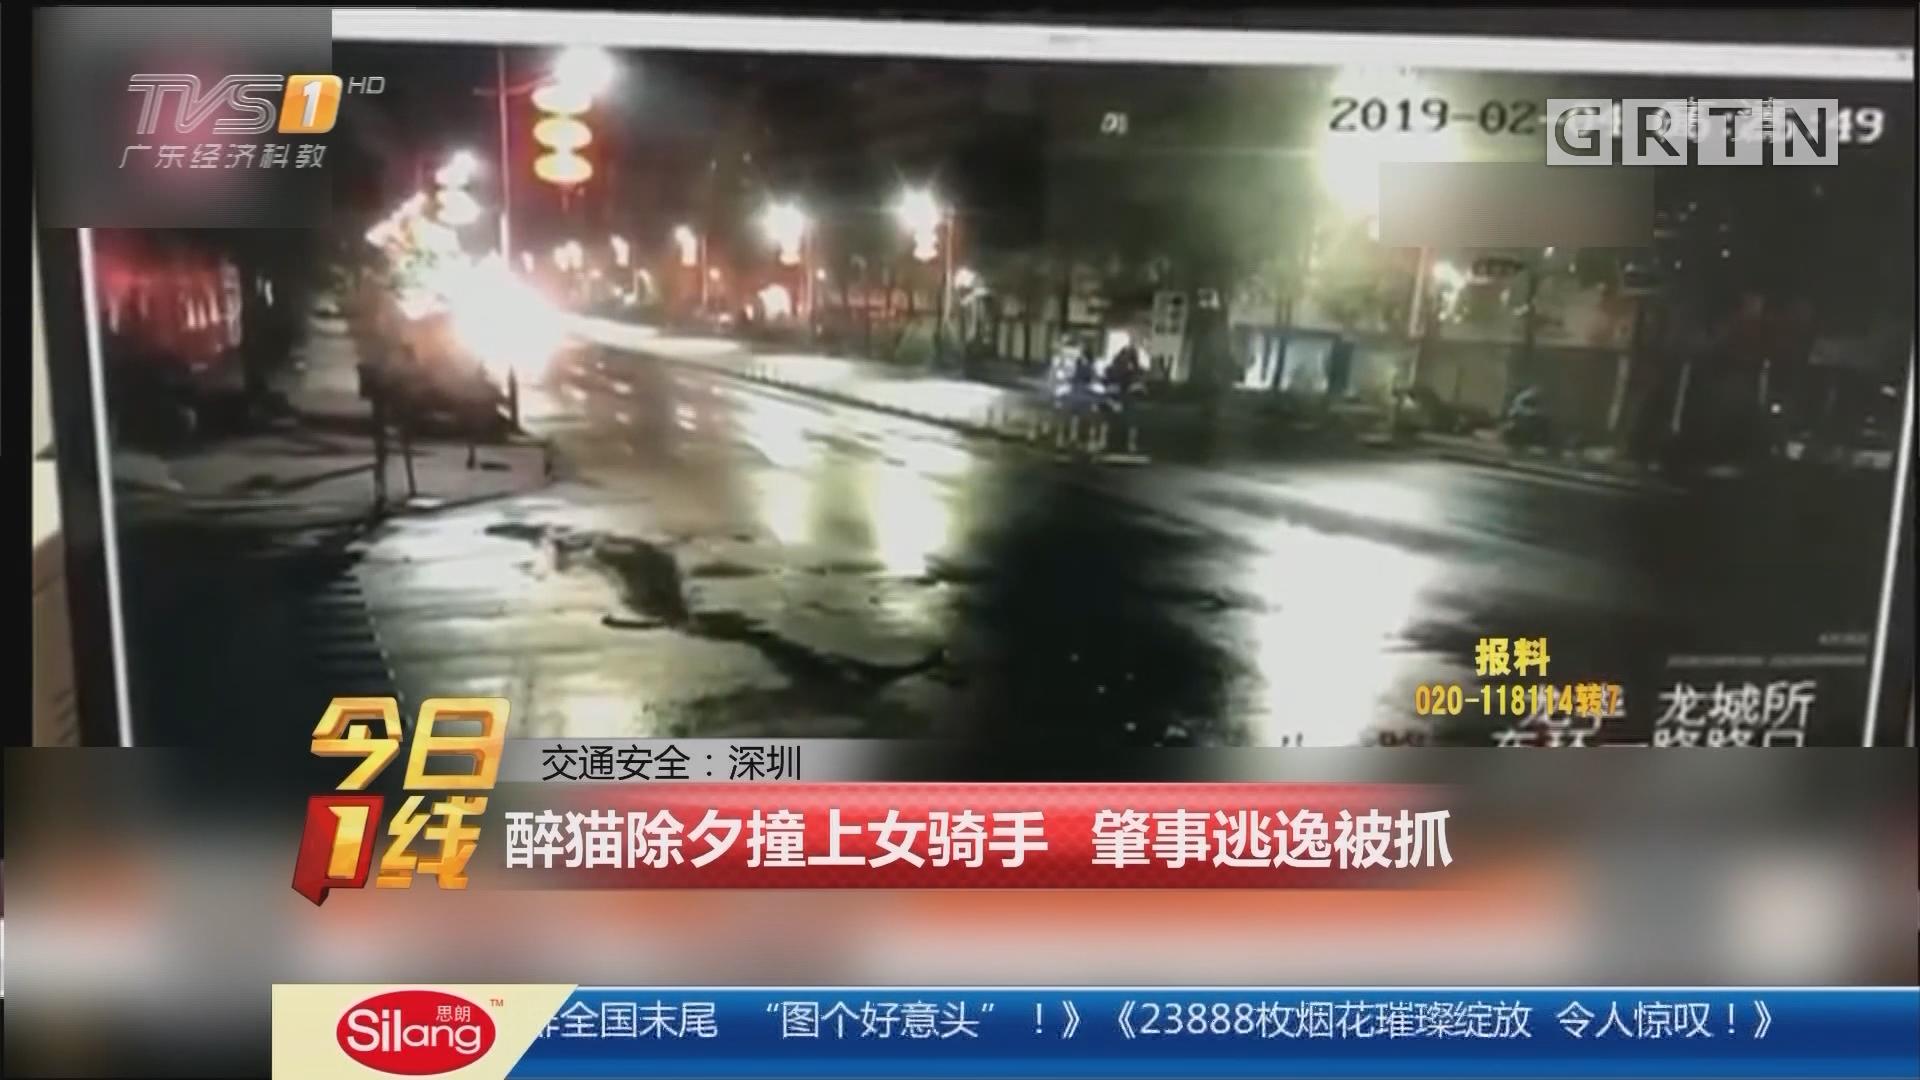 交通安全:深圳 醉猫除夕撞上女骑手 肇事逃逸被抓